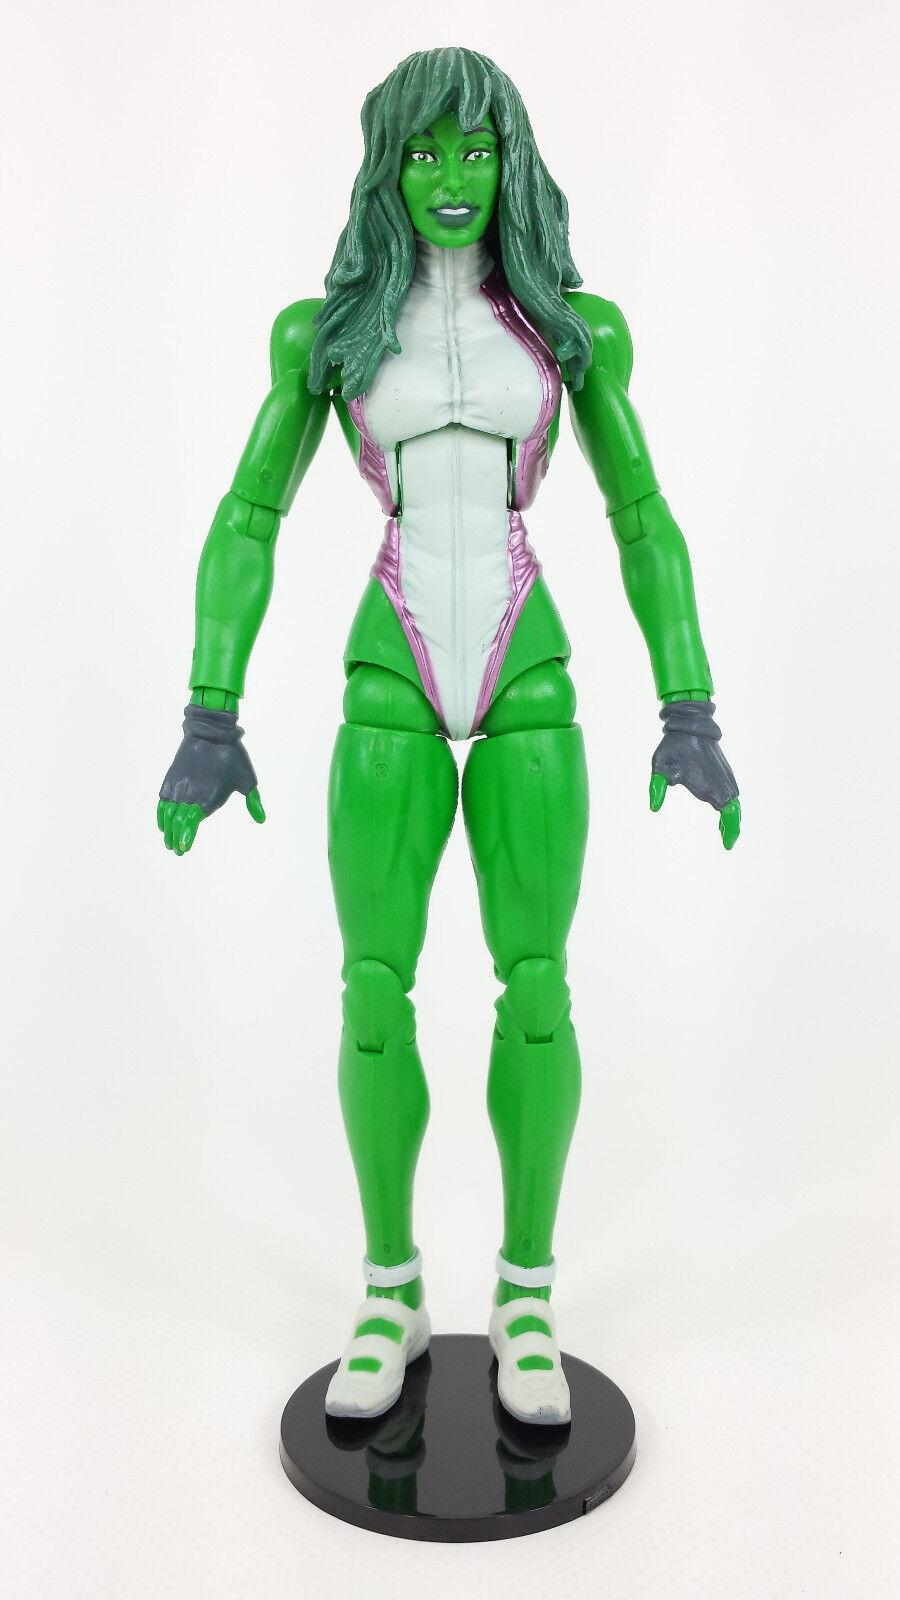 Marvel - legenden blob - serie hasbro 2007 she-hulk 6 inch abbildung locker